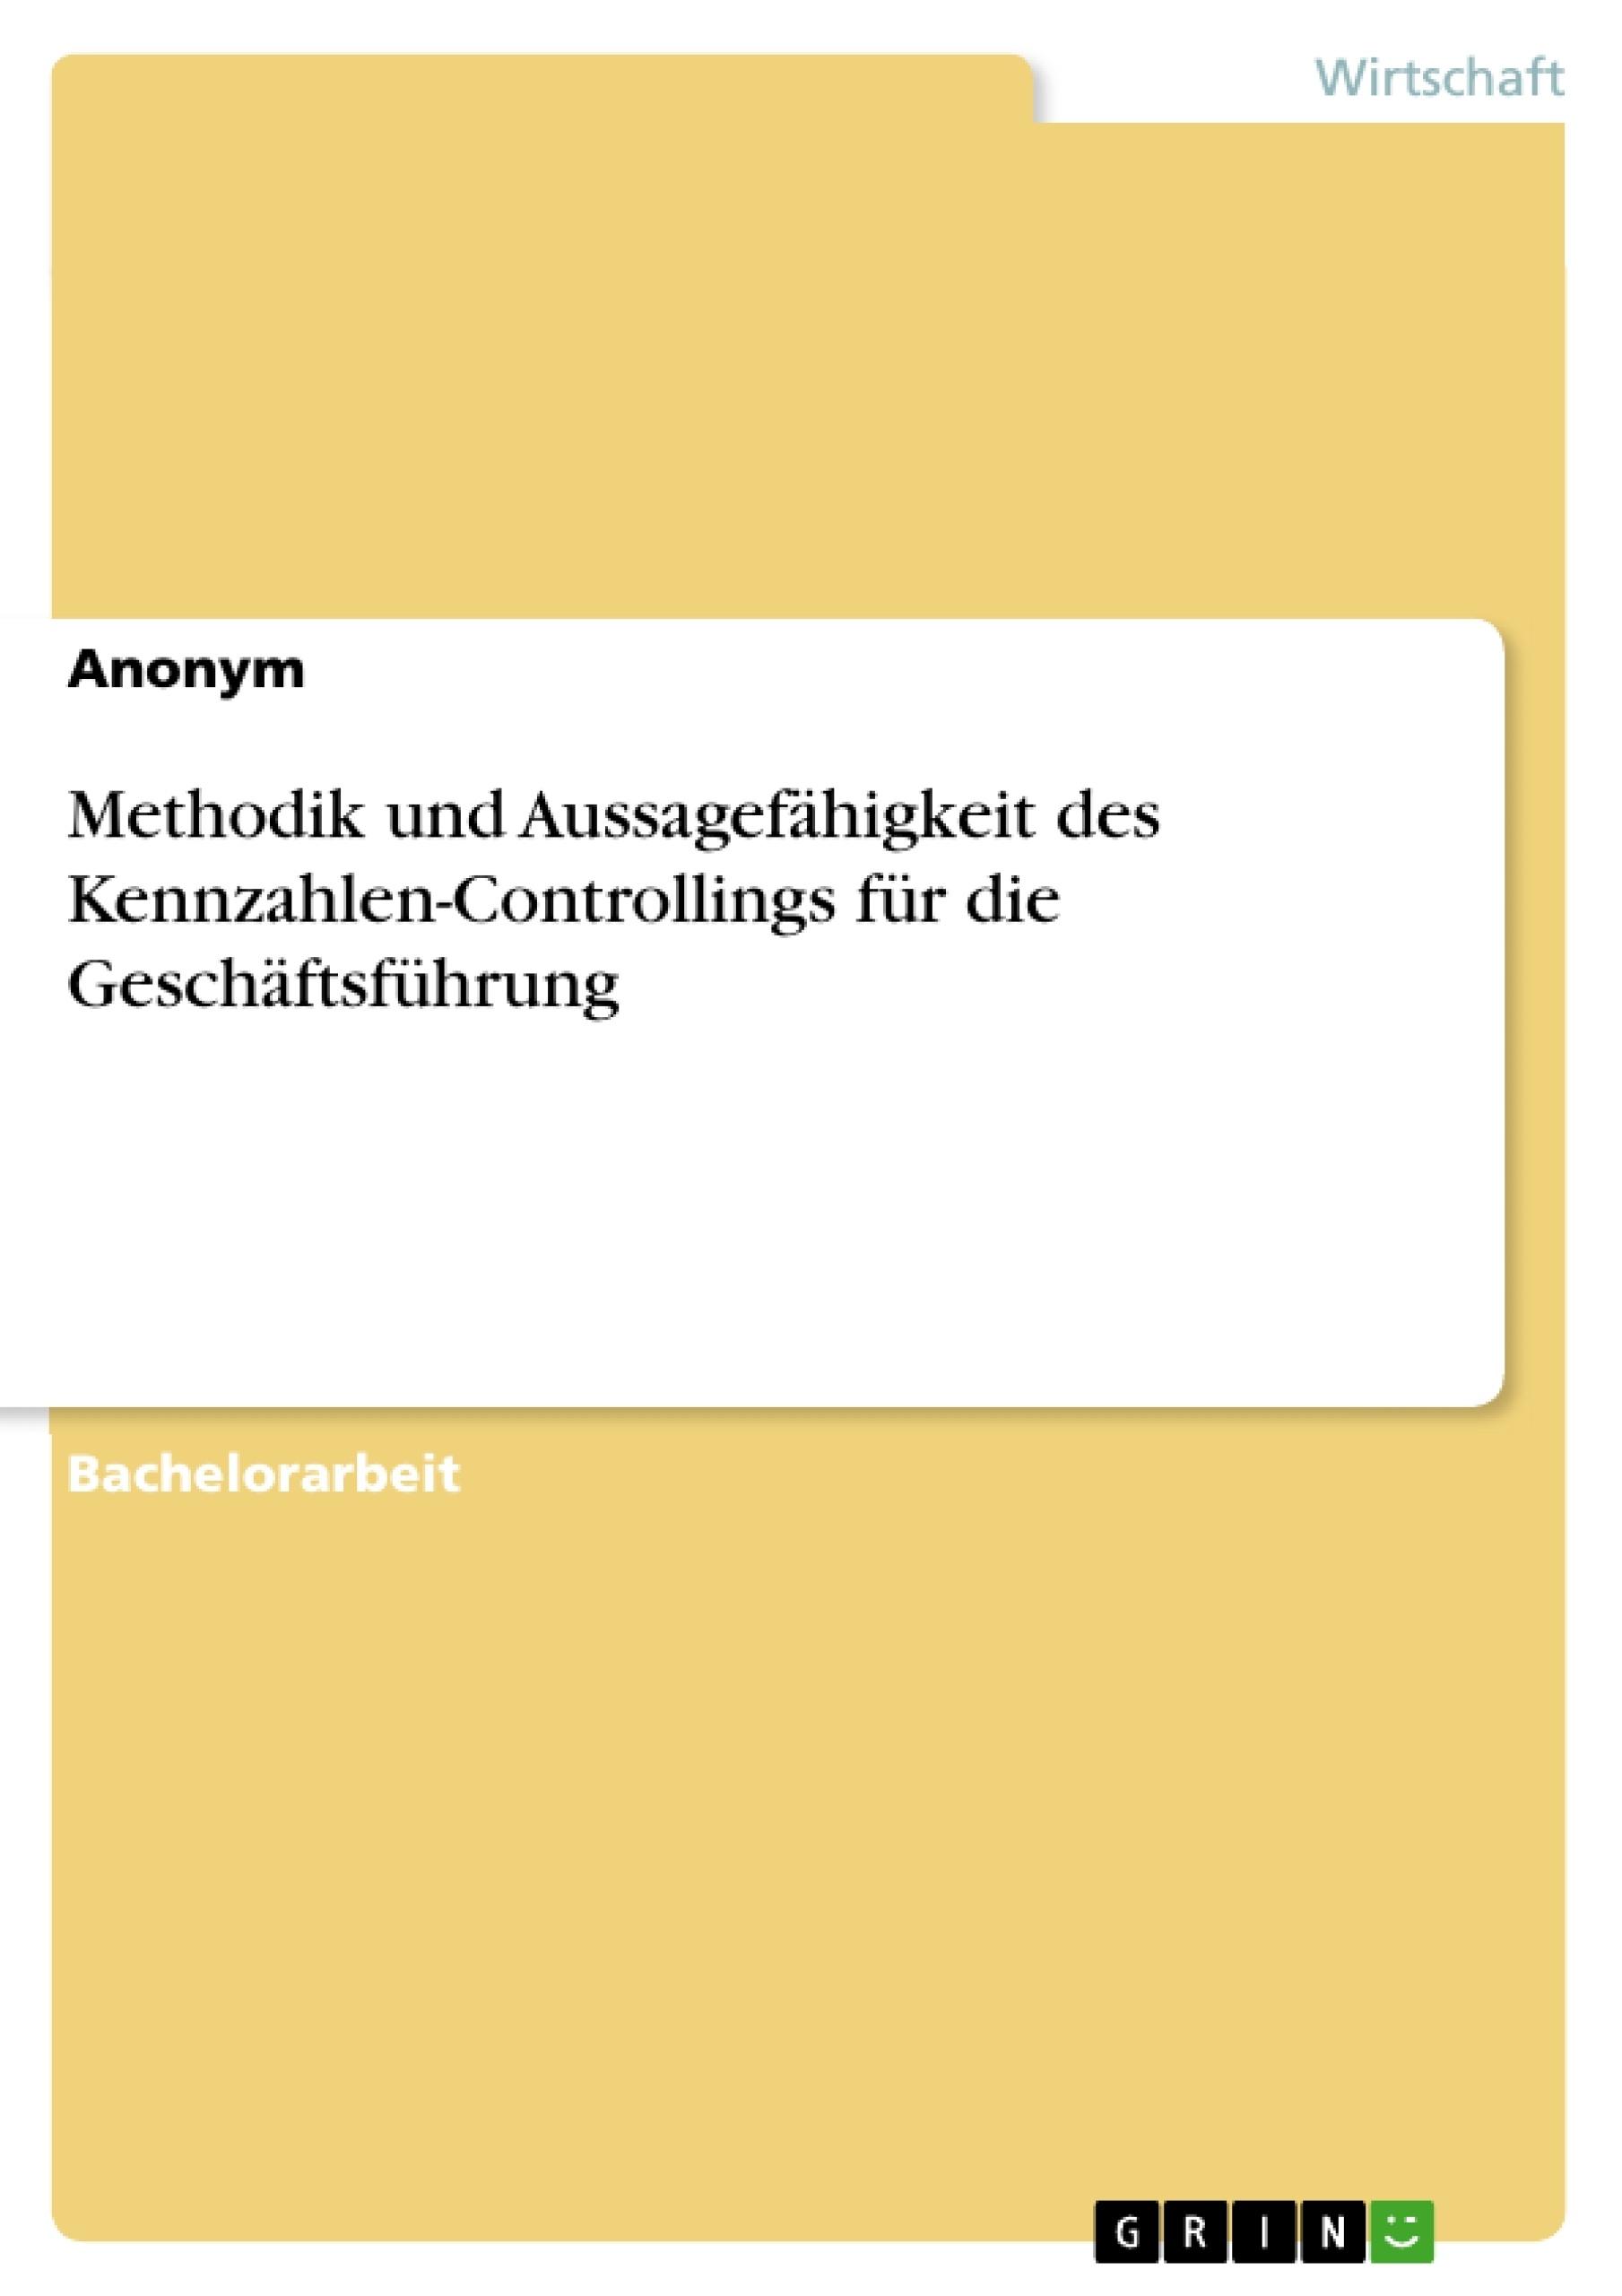 Titel: Methodik und Aussagefähigkeit des Kennzahlen-Controllings für die Geschäftsführung